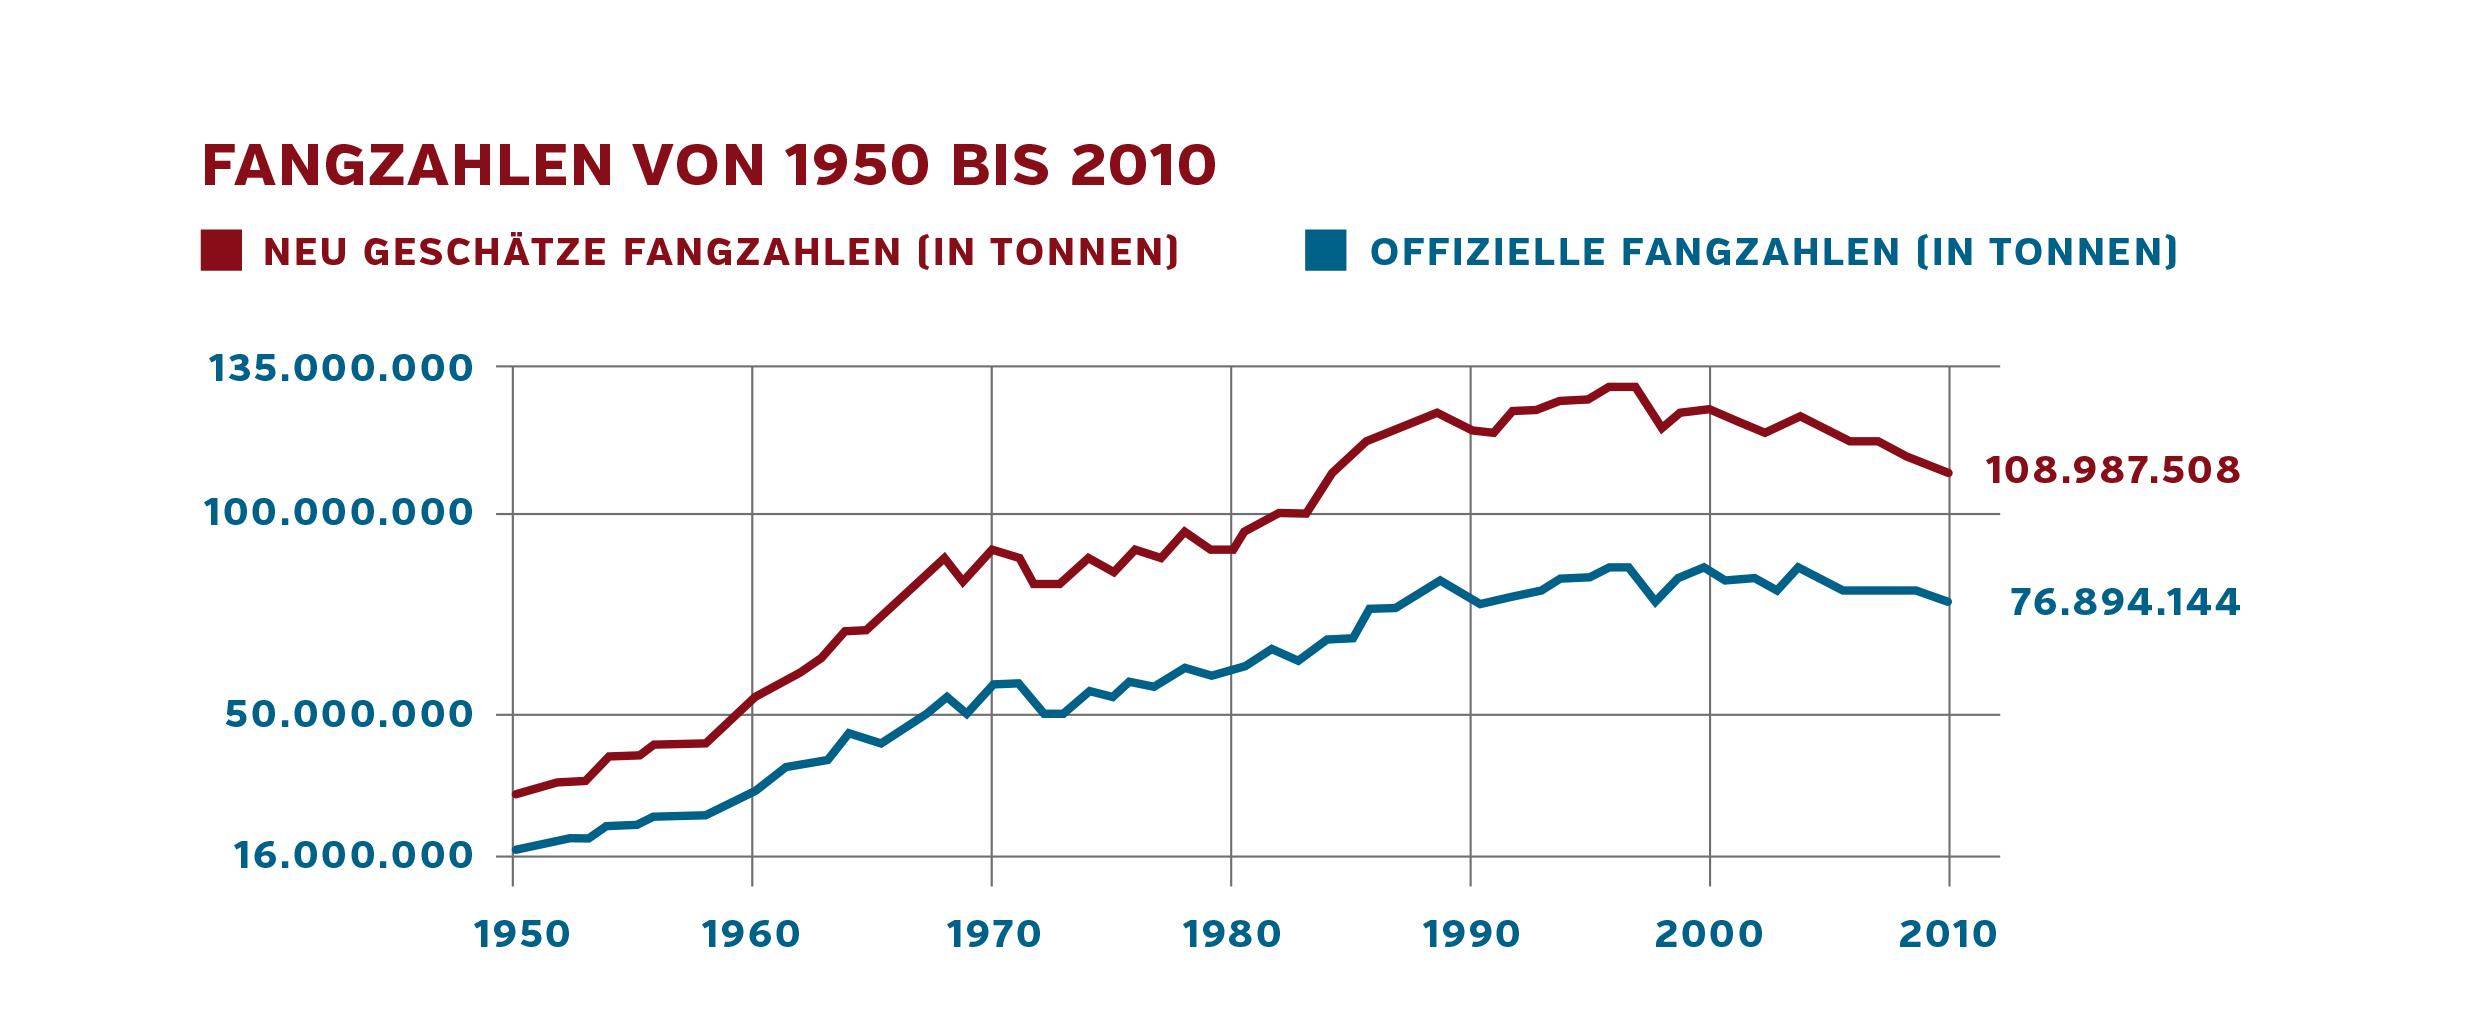 Fangzahlen von 1950 bis 2010